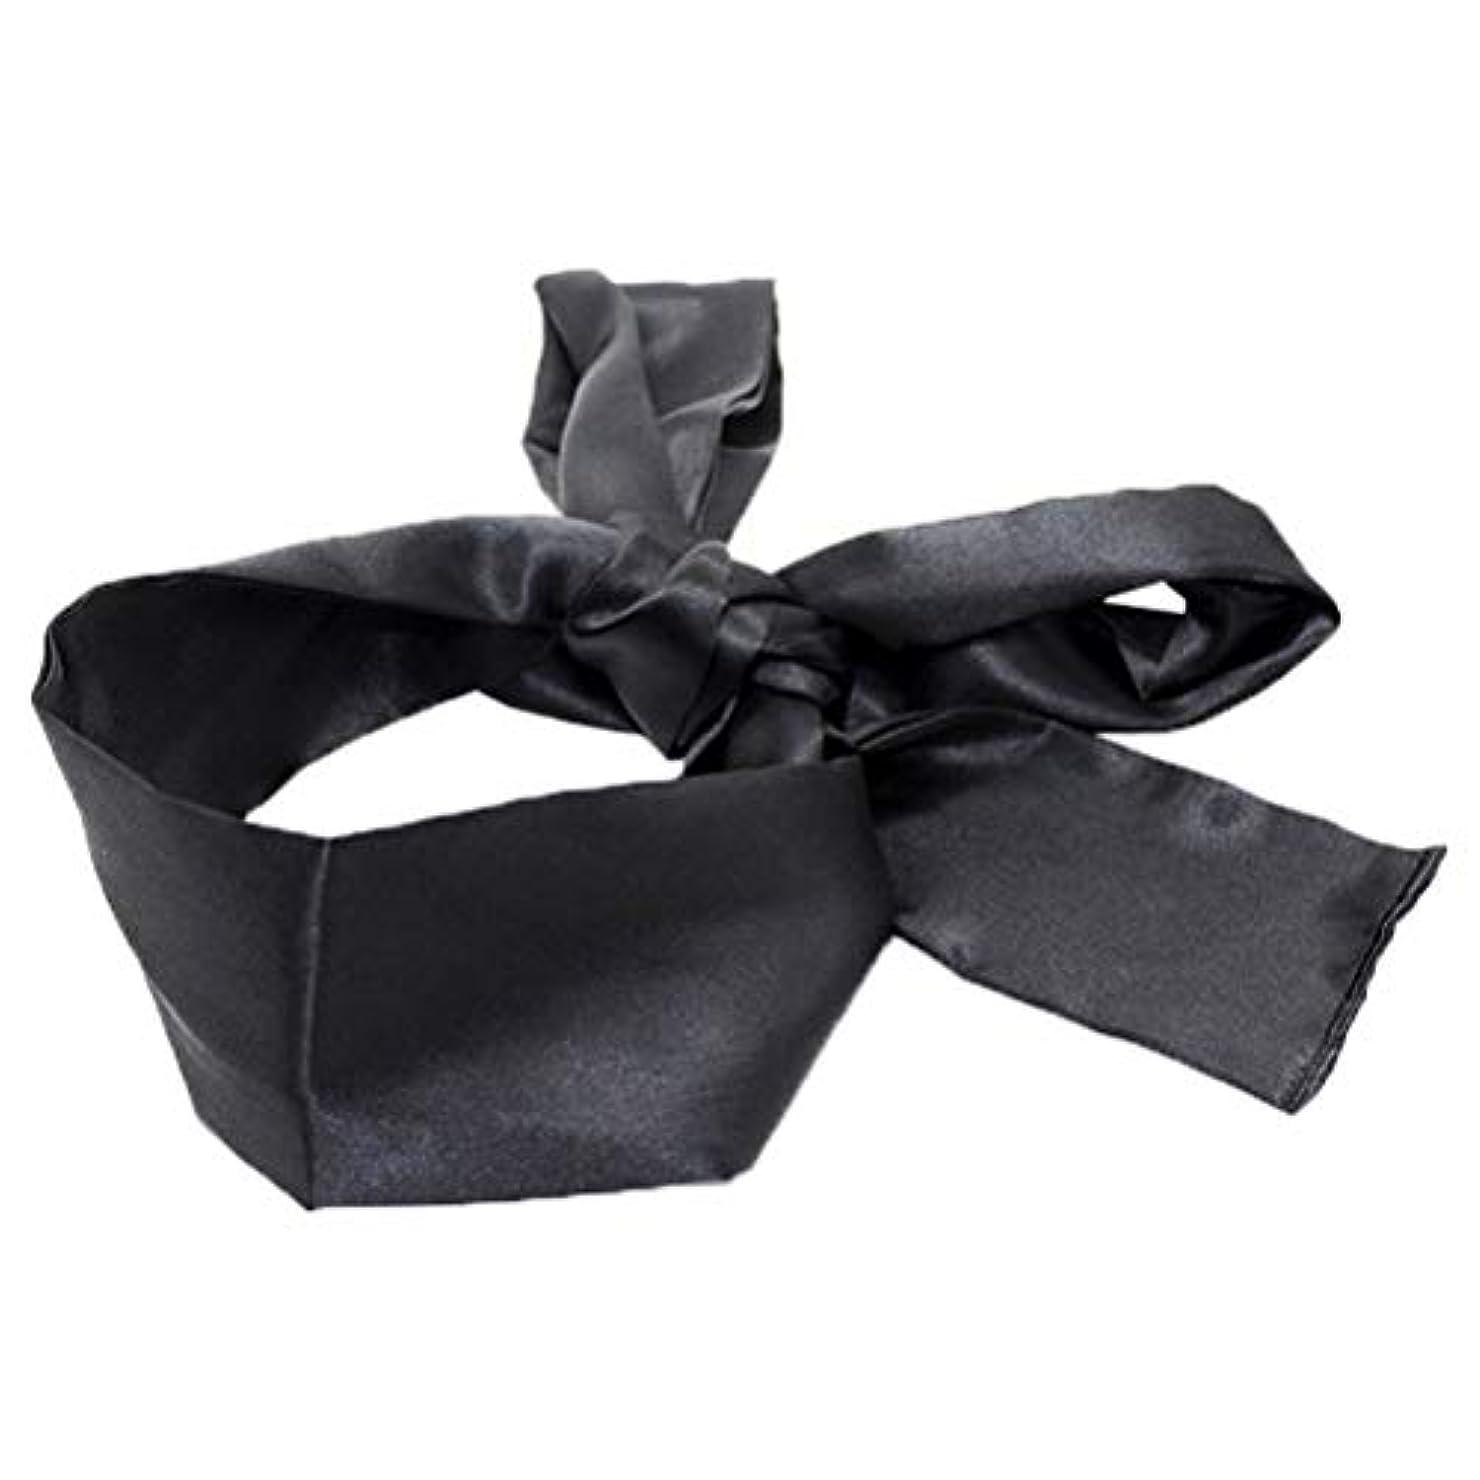 ロマンチック概念発動機HEALIFTY 睡眠マスクホームトラベルコスチューム小道具(ブラック)用サテン目隠しソフト快適なアイマスクバンドブラインダー